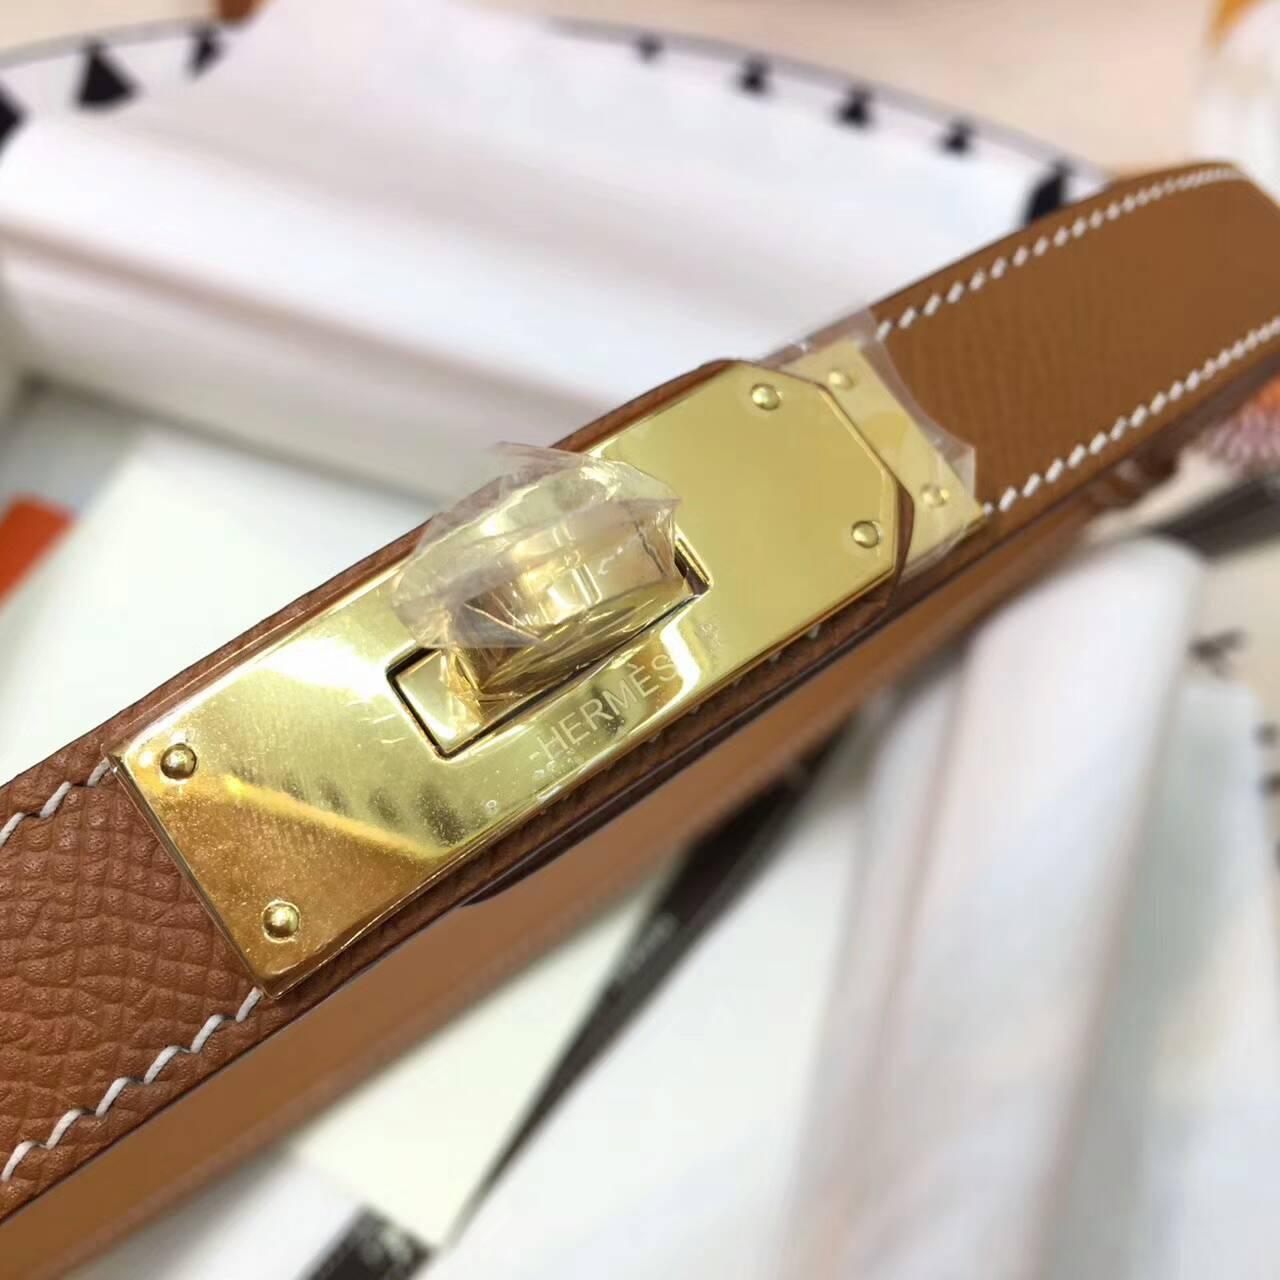 爱马仕Kelly 伸缩腰带腰带 Epsom 法国进口原产掌纹皮 37 Gold 金棕 金扣